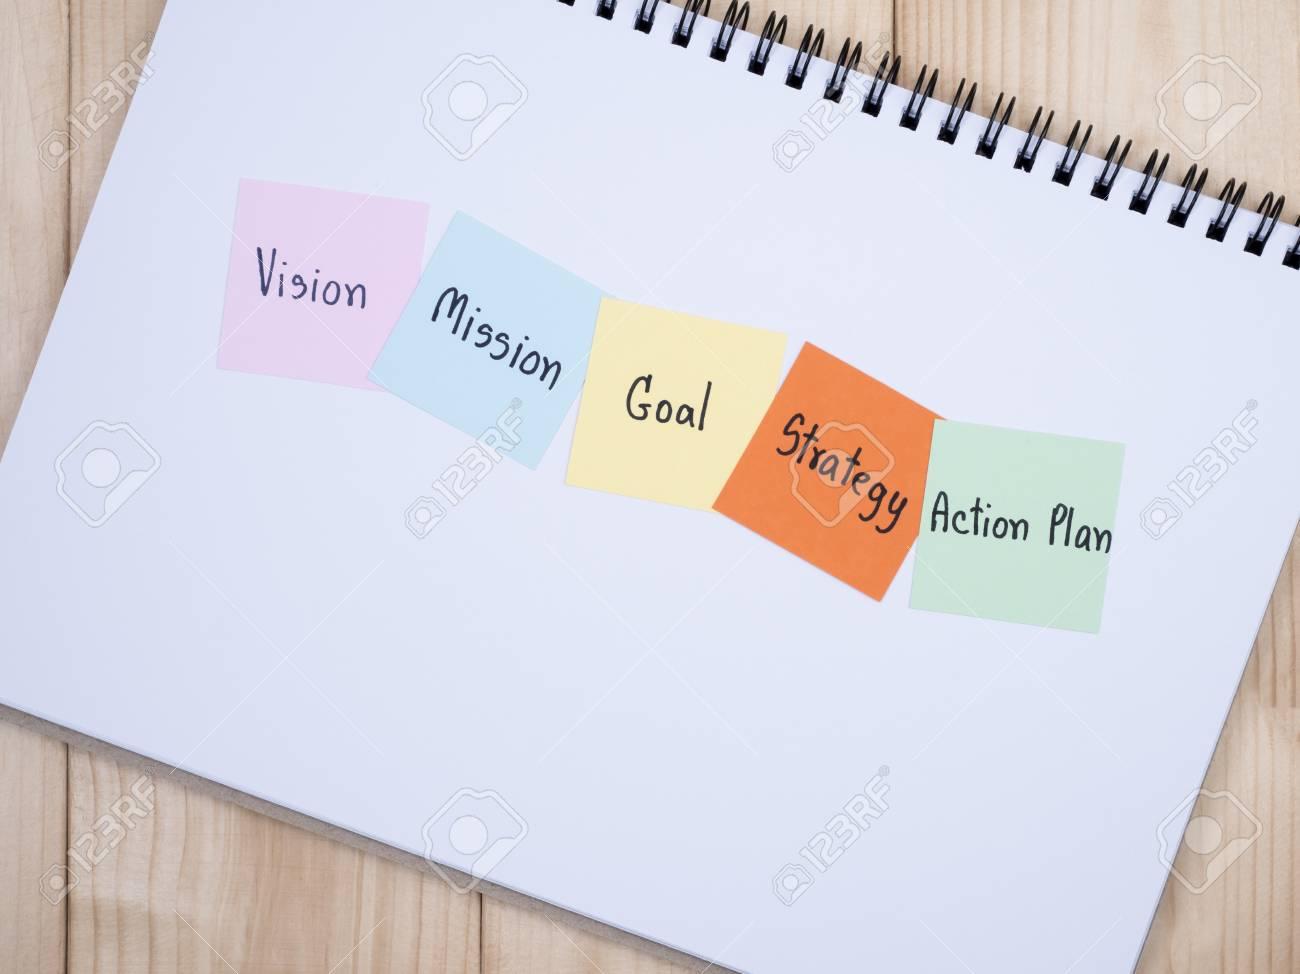 Vision Handwriting Mission But Stratégie Plan D Action Sur Ordinateur Portable Avec Fond En Bois Business Concept